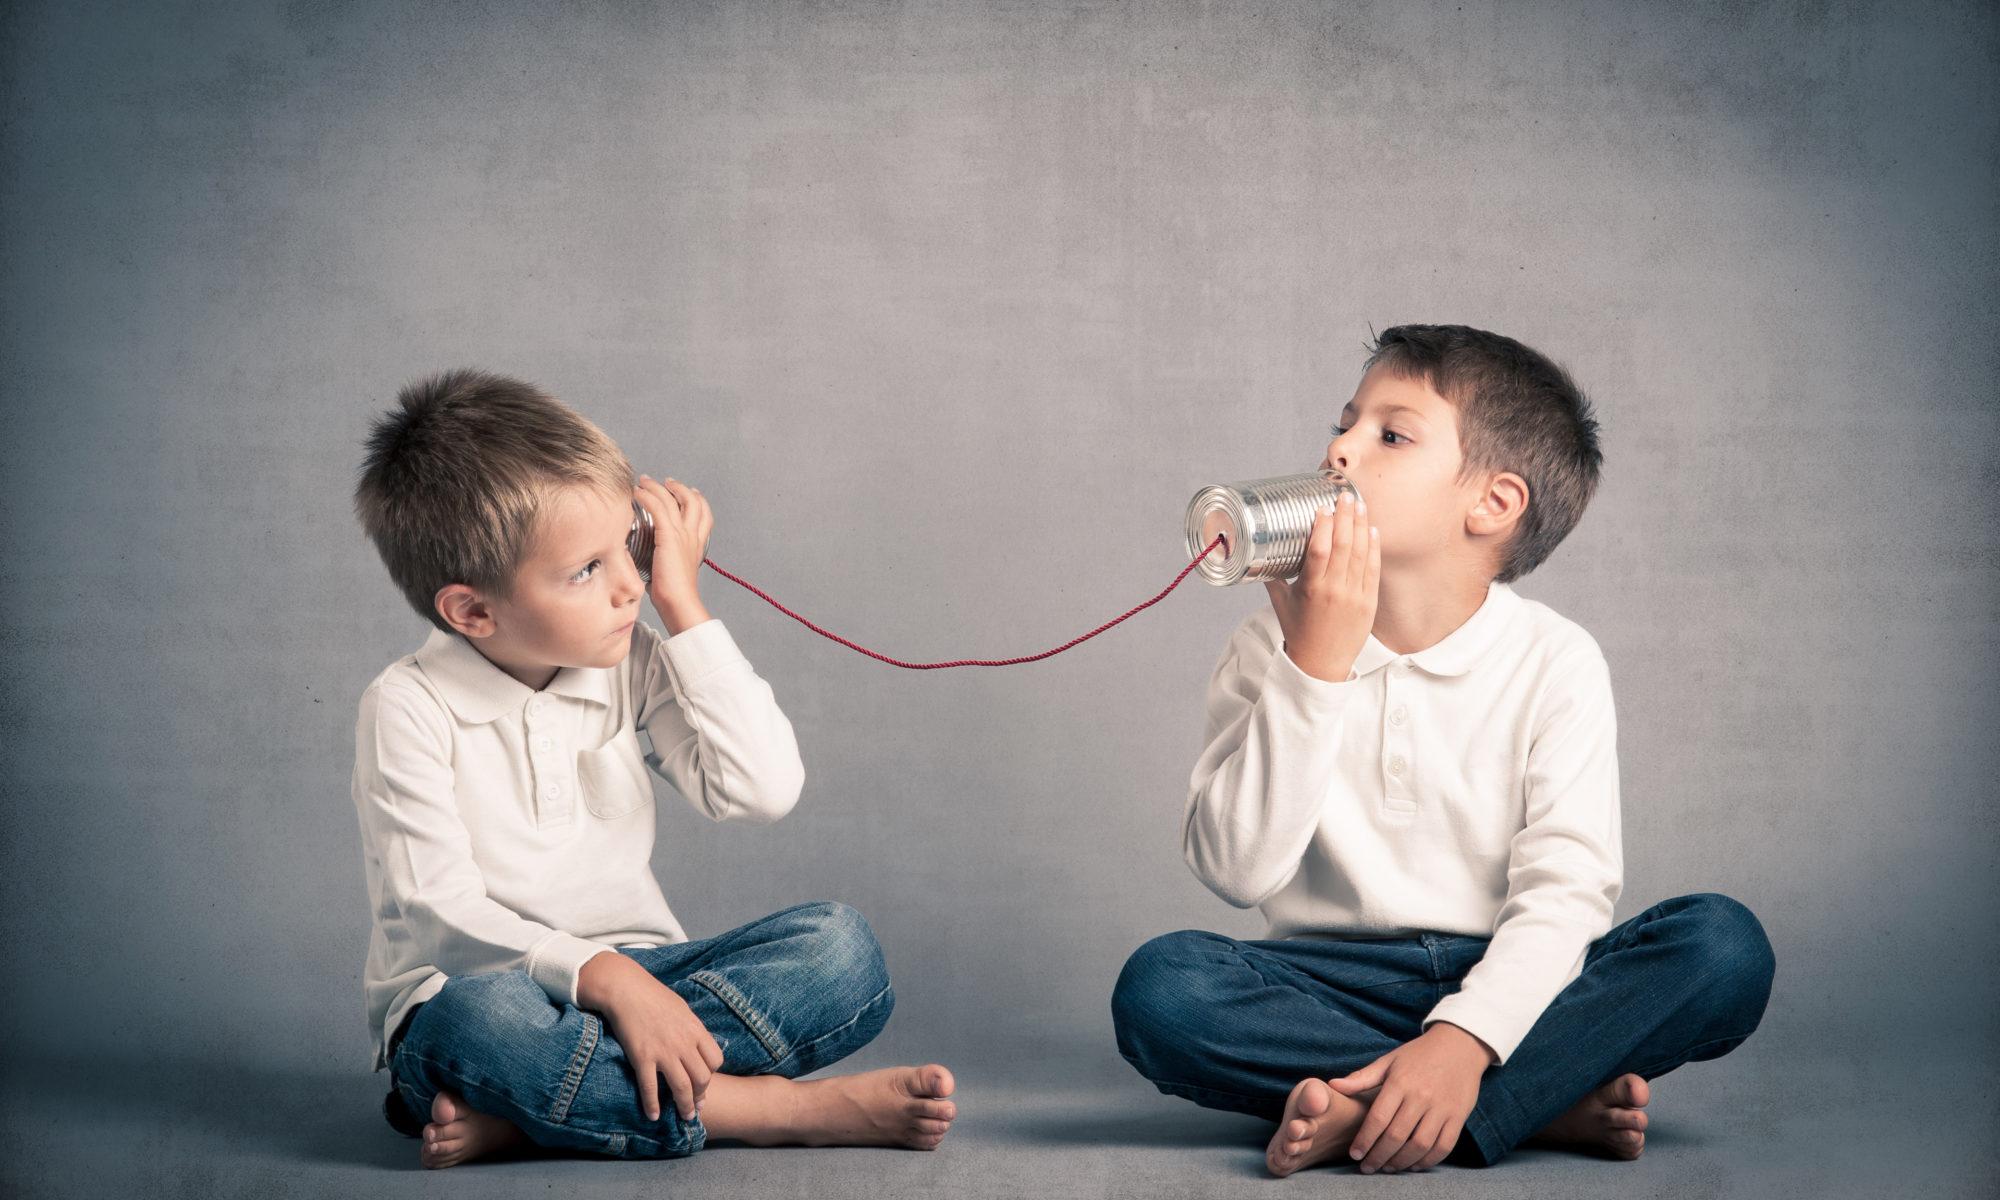 ילדים משוחחים בקופסאות עם חוט